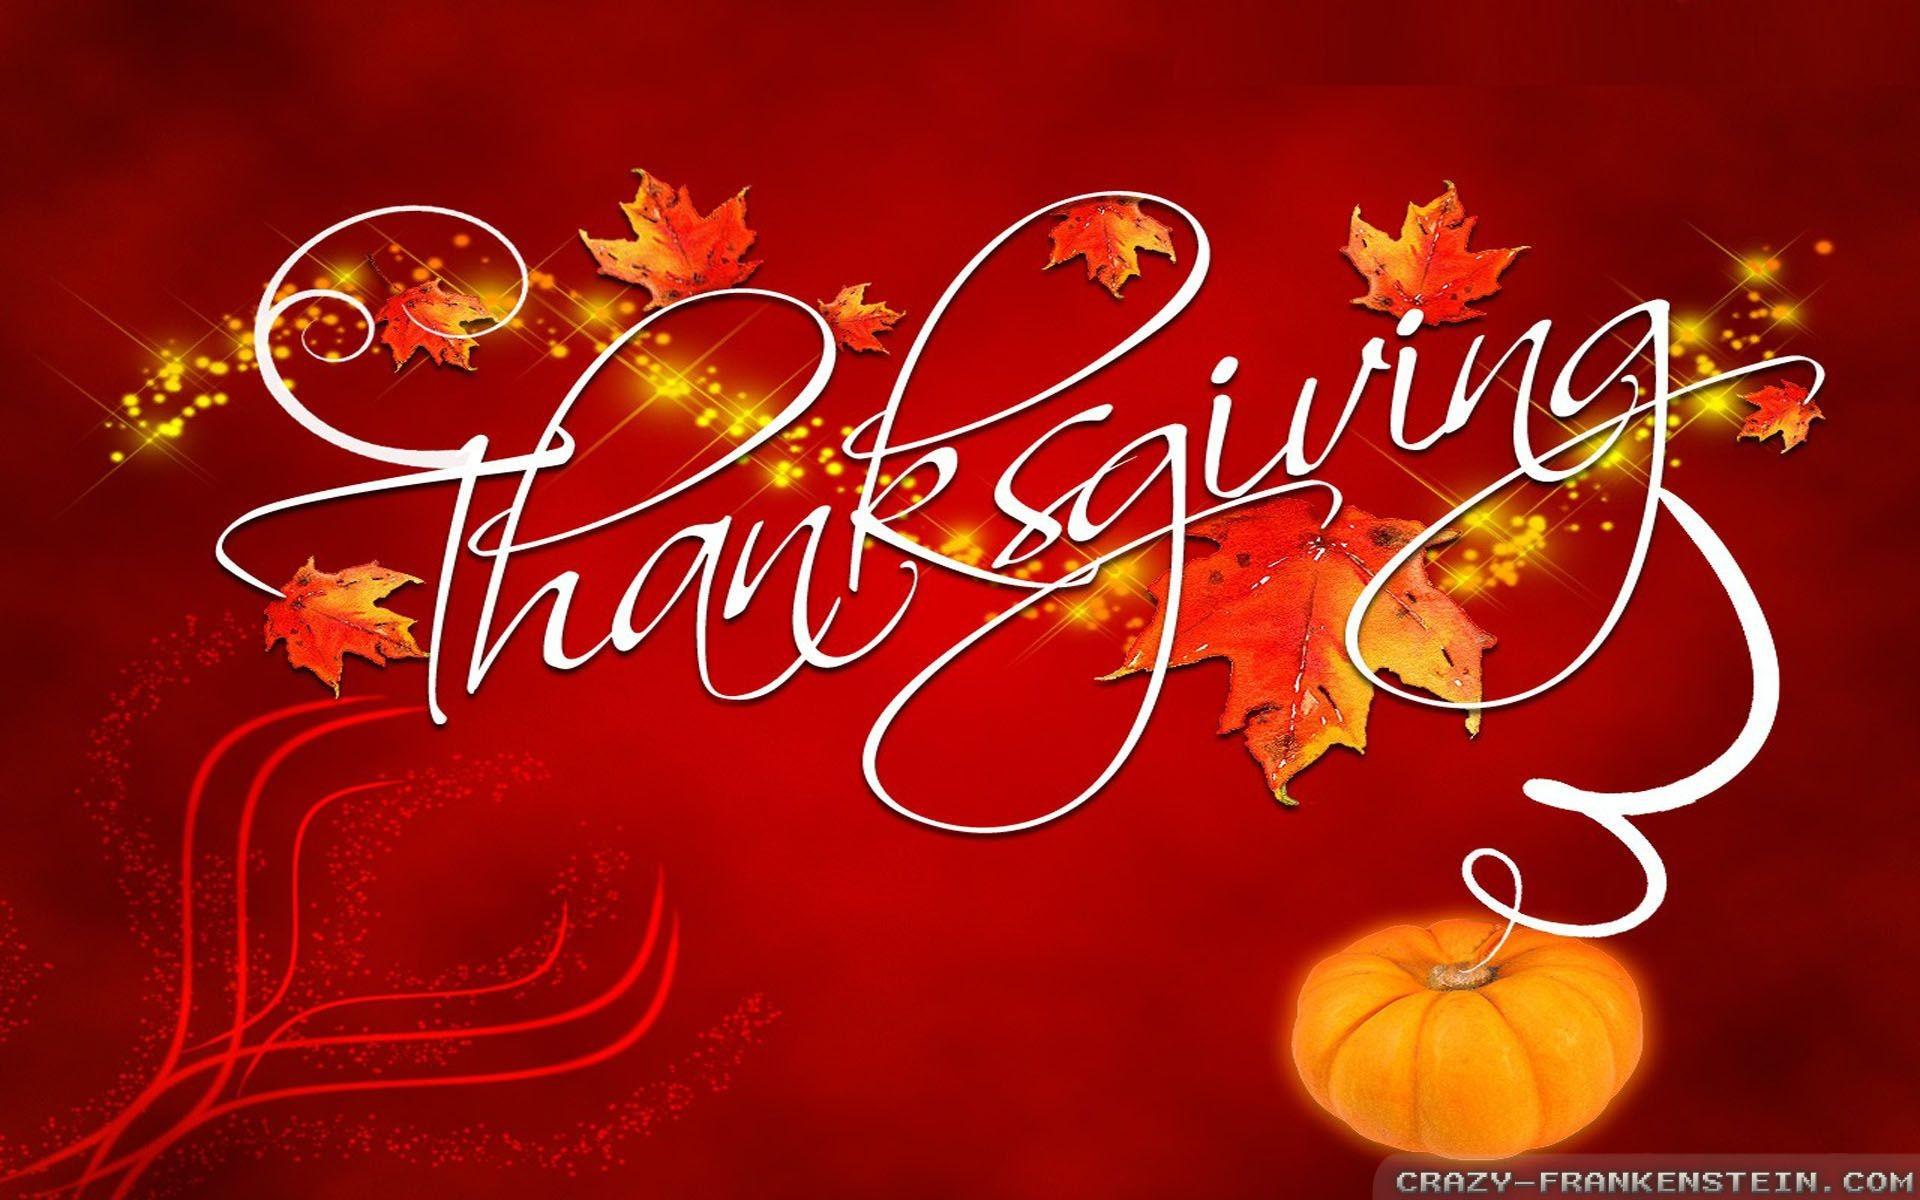 Res: 1920x1200, 1920x1080 Peanuts Thanksgiving Wallpaper ·①. 1920x1080 Peanuts Thanksgiving  Wallpaper ...